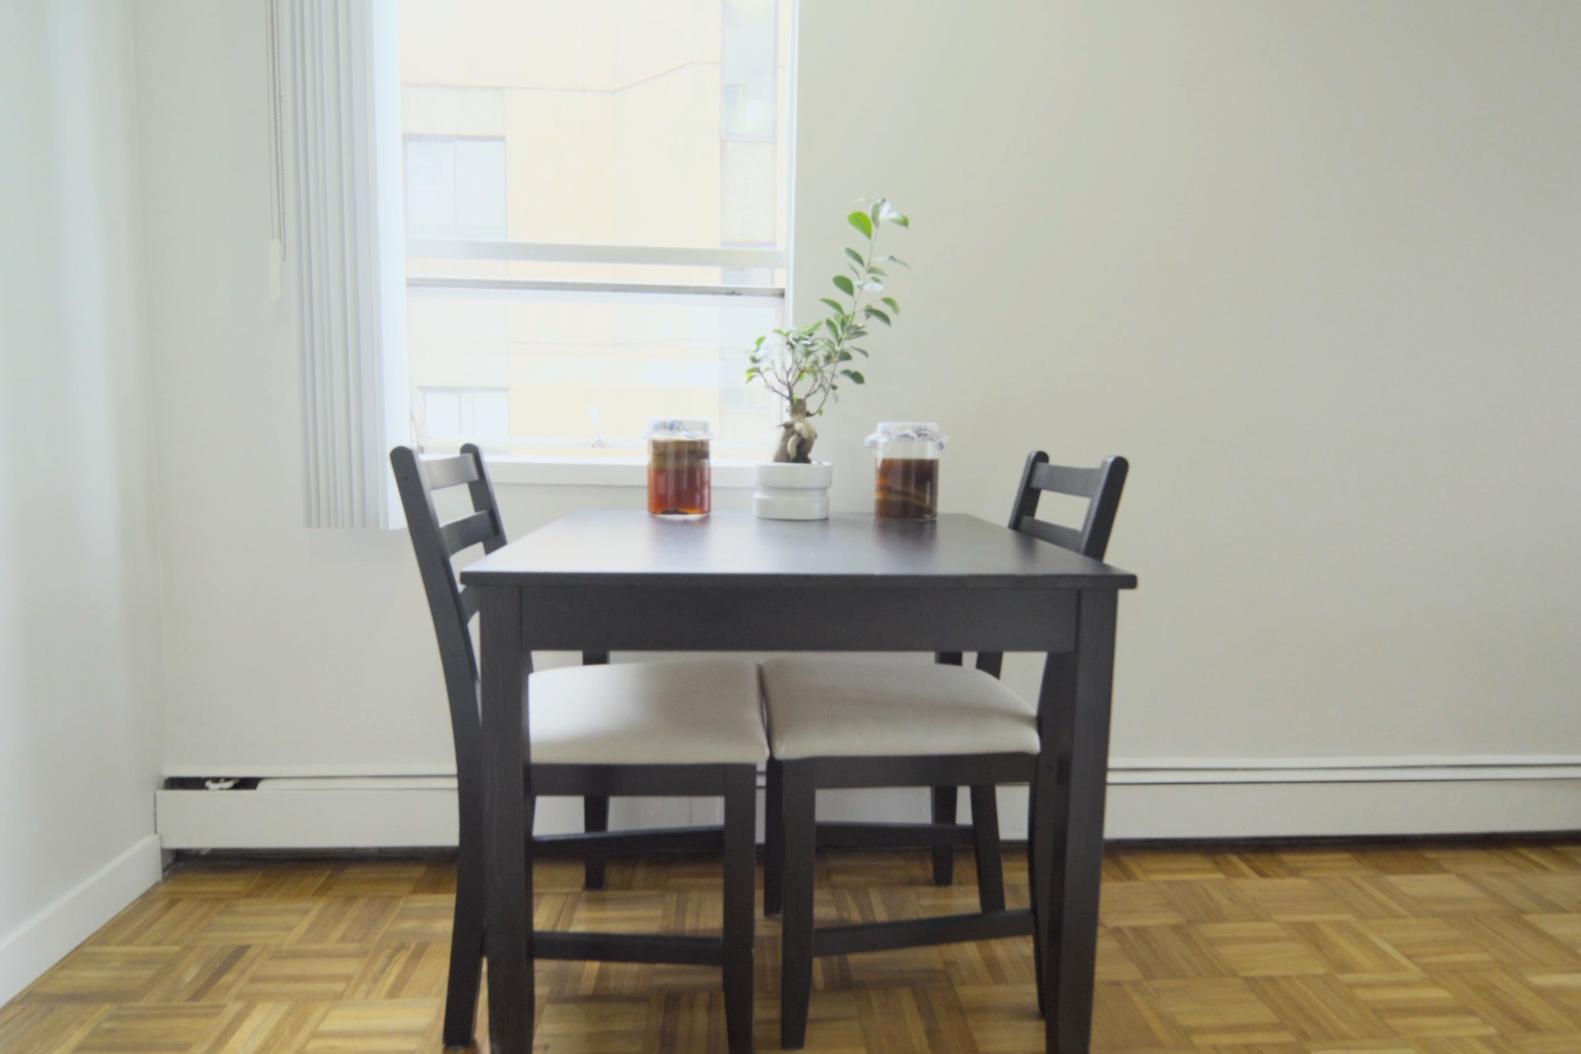 small_space_studio_apartment_rental_design_ideas